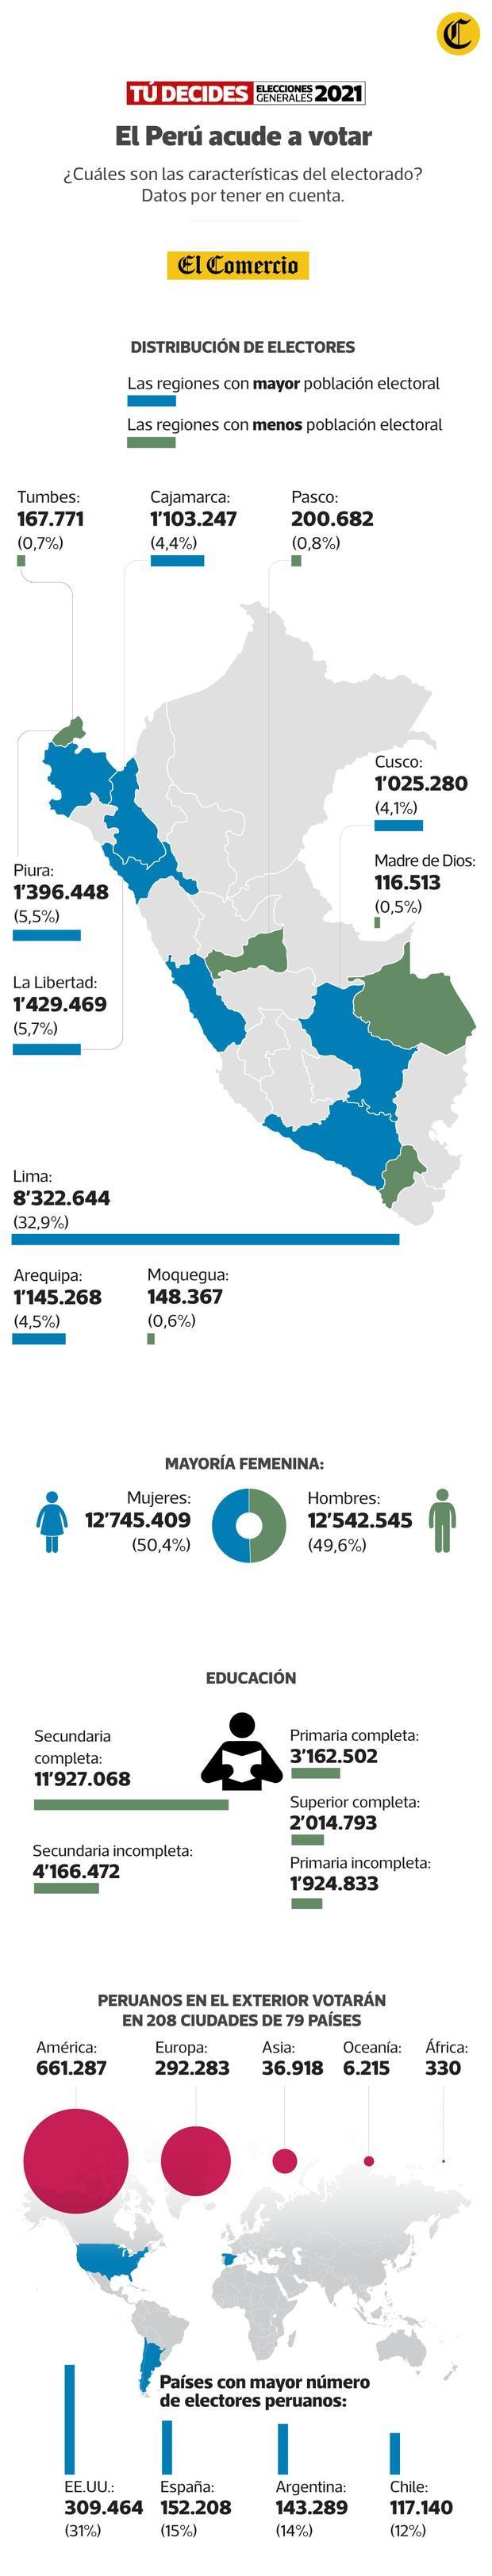 ELECCIONES EN PERÚ, Internacionales,